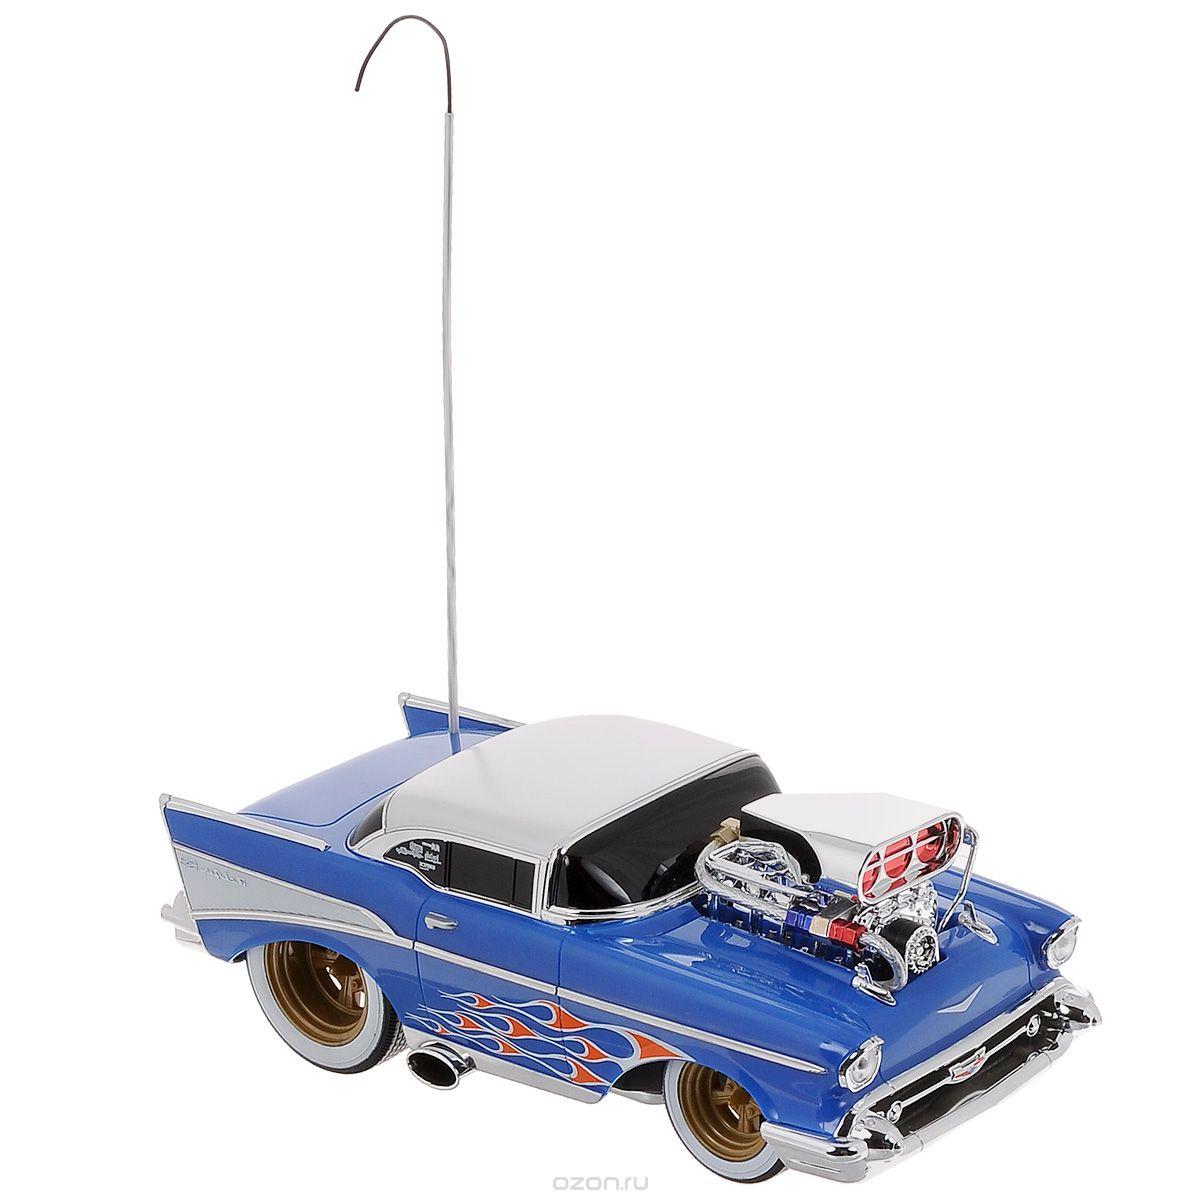 Maisto Радиоуправляемая модель Chevrolet Bel Air цвет коробки синий81302_синий_2873Радиоуправляемая машина Chevrolet Bel Air доставит массу приятных впечатлений людям любого возраста. Игрушка отличается ярким, стильным дизайном и удобным управлением. Это самый настоящий раритетный автомобиль 1957 года, для любителей автомобильной техники и стиля Ретро. Модель дополнена хромированными деталями и двигателем на капоте. Полный привод (вперед, назад, вправо, влево) обеспечивает отличную проходимость. Модель обладает высокой стабильностью движения, что позволяет полностью контролировать процесс, управляя уверенно и без суеты. При движении машины вперед и назад, загорается подсветка. Такая модель станет отличным подарком не только любителю автомобилей, но и человеку, ценящему оригинальность и изысканность, а качество исполнения представит такой подарок в самом лучшем свете. Для работы пульта необходимо 2 батарейки типа АА, для работы автомобиля - 3 батарейки типа АА (входят в комплект).